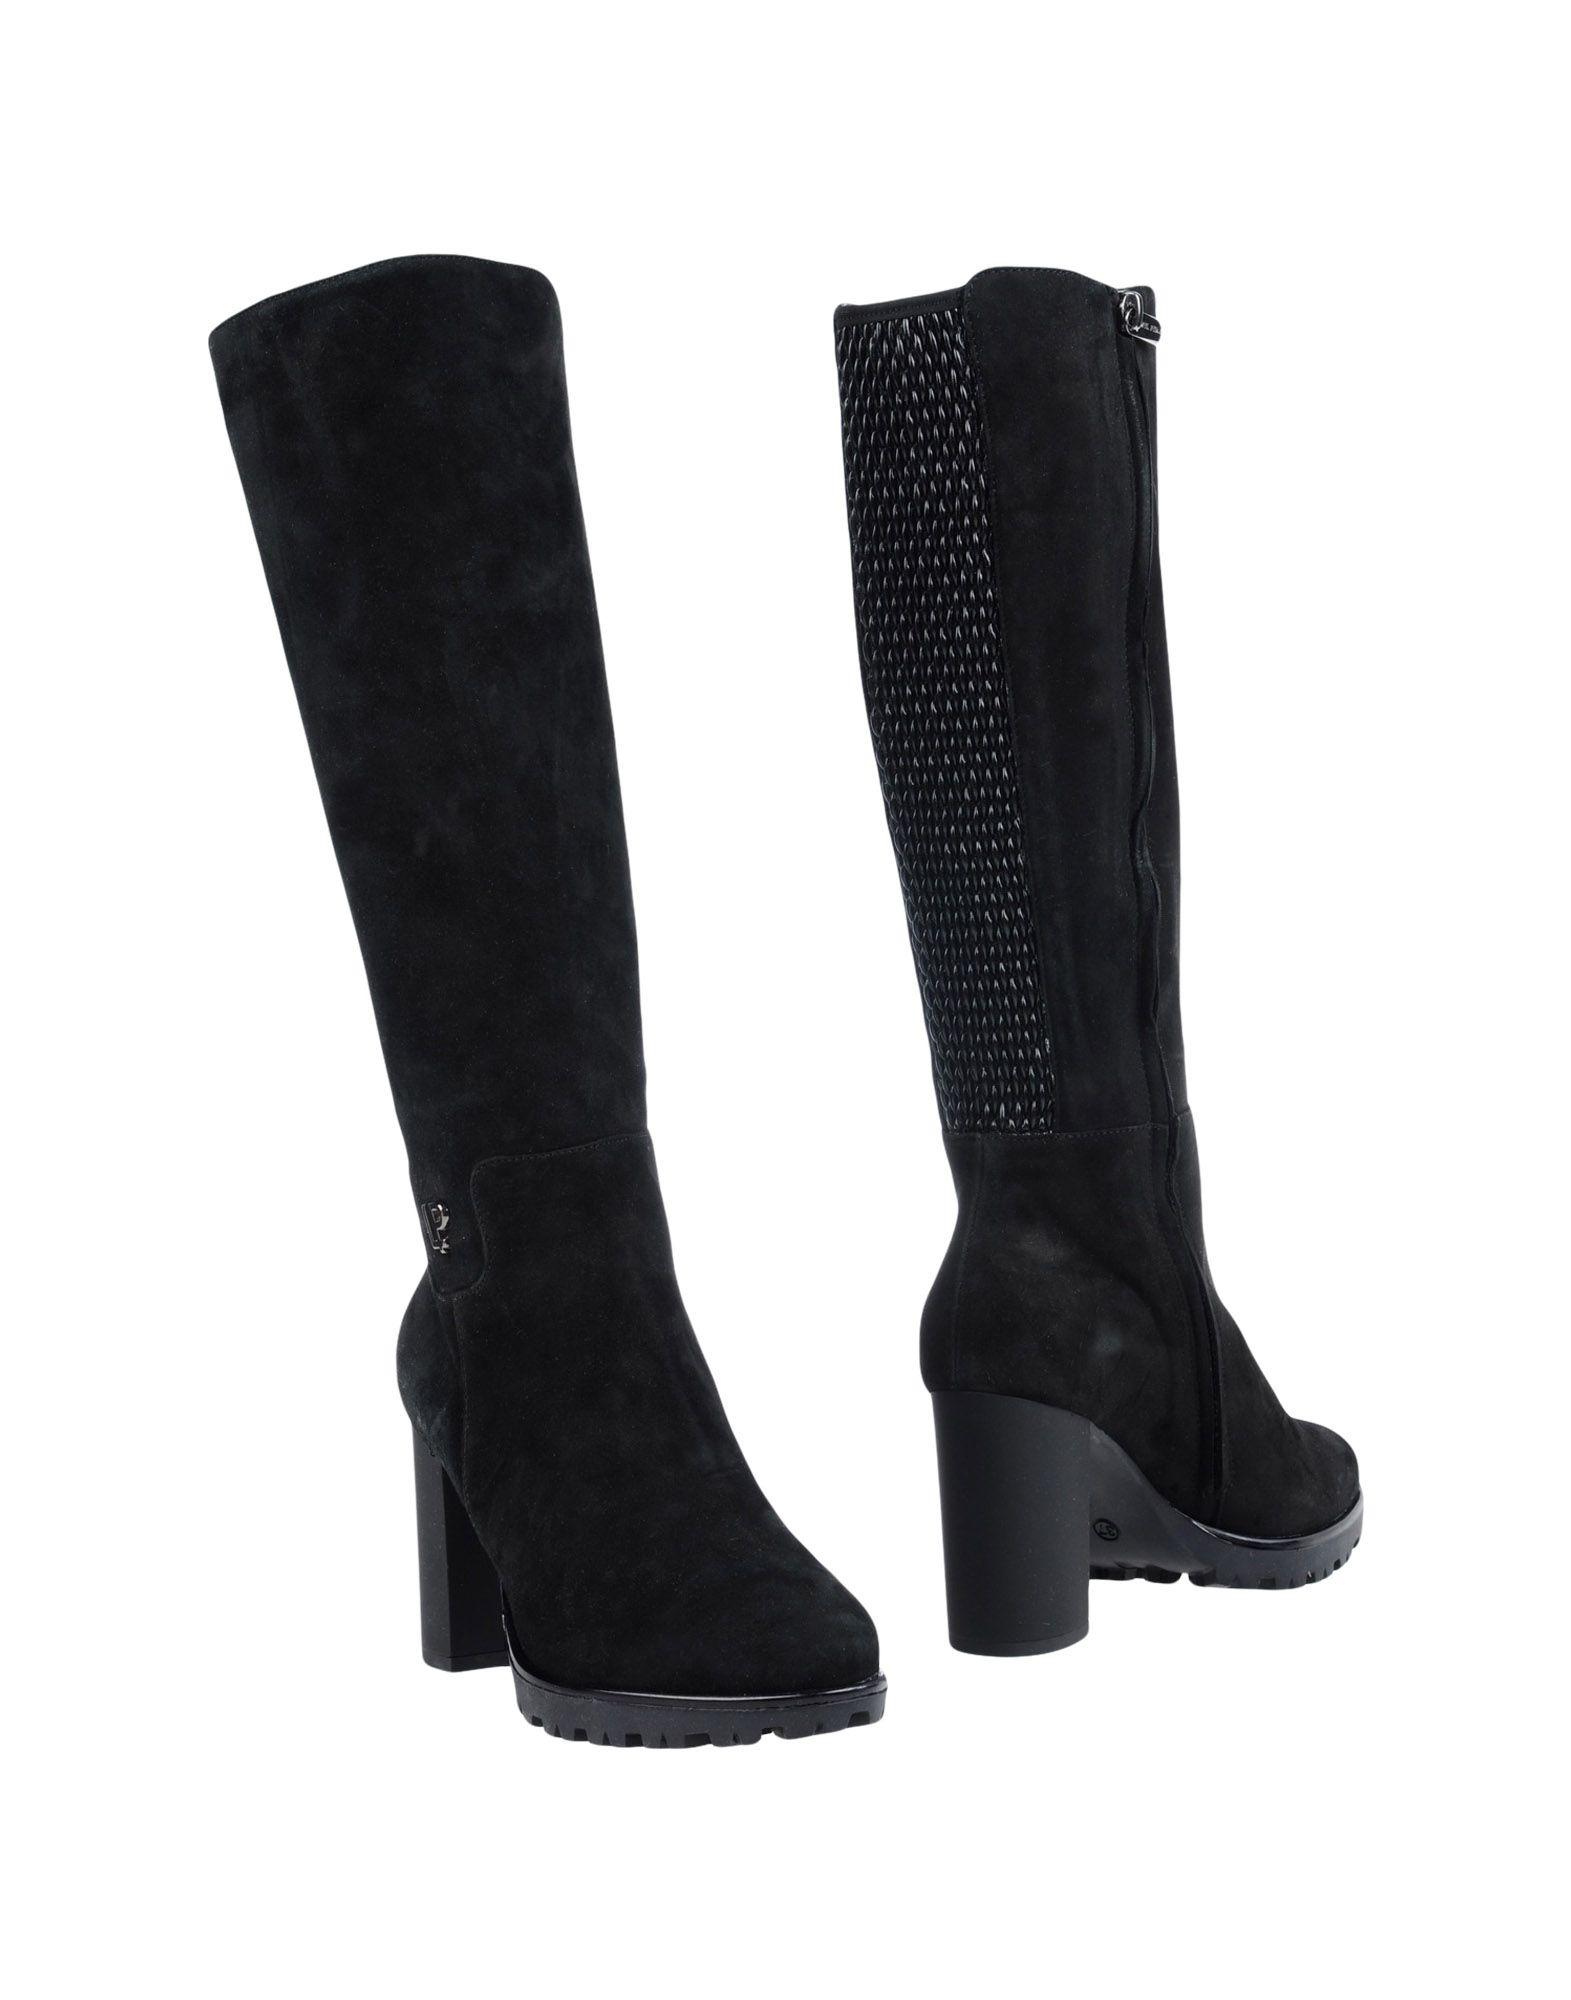 Loretta Pettinari Stiefel Damen  11254329SBGut aussehende strapazierfähige Schuhe